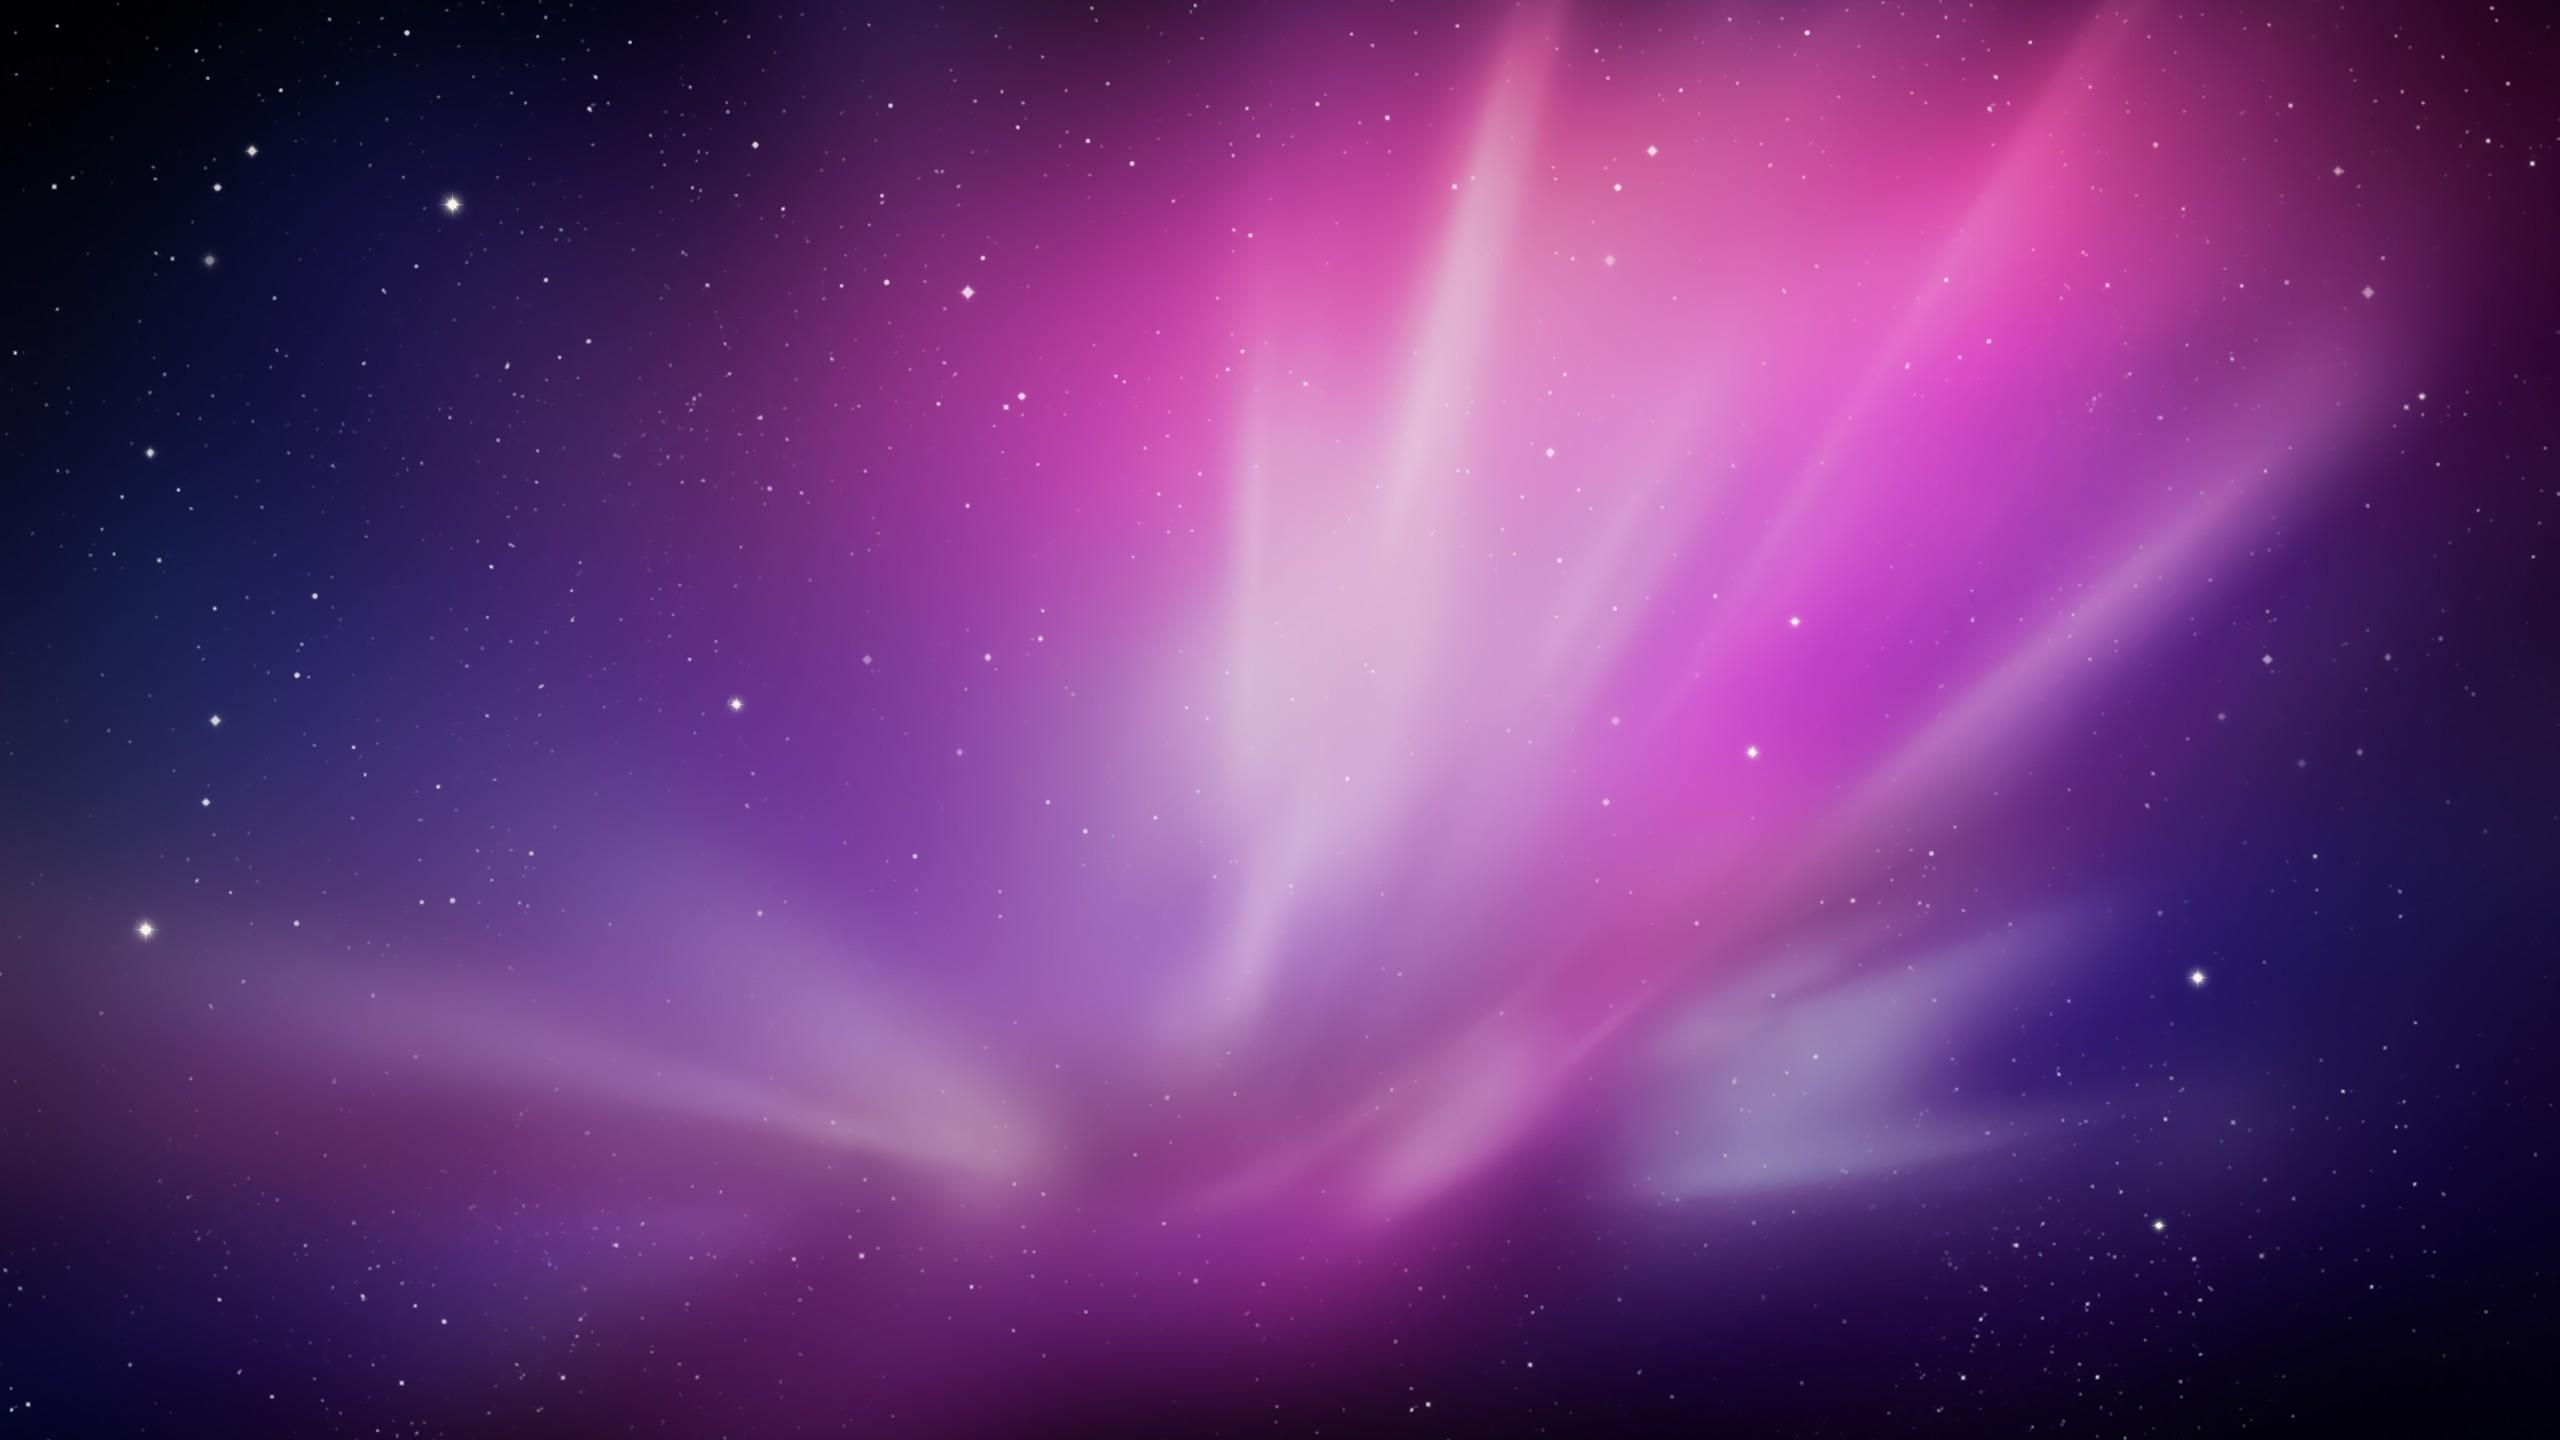 Space / Purple Wallpaper